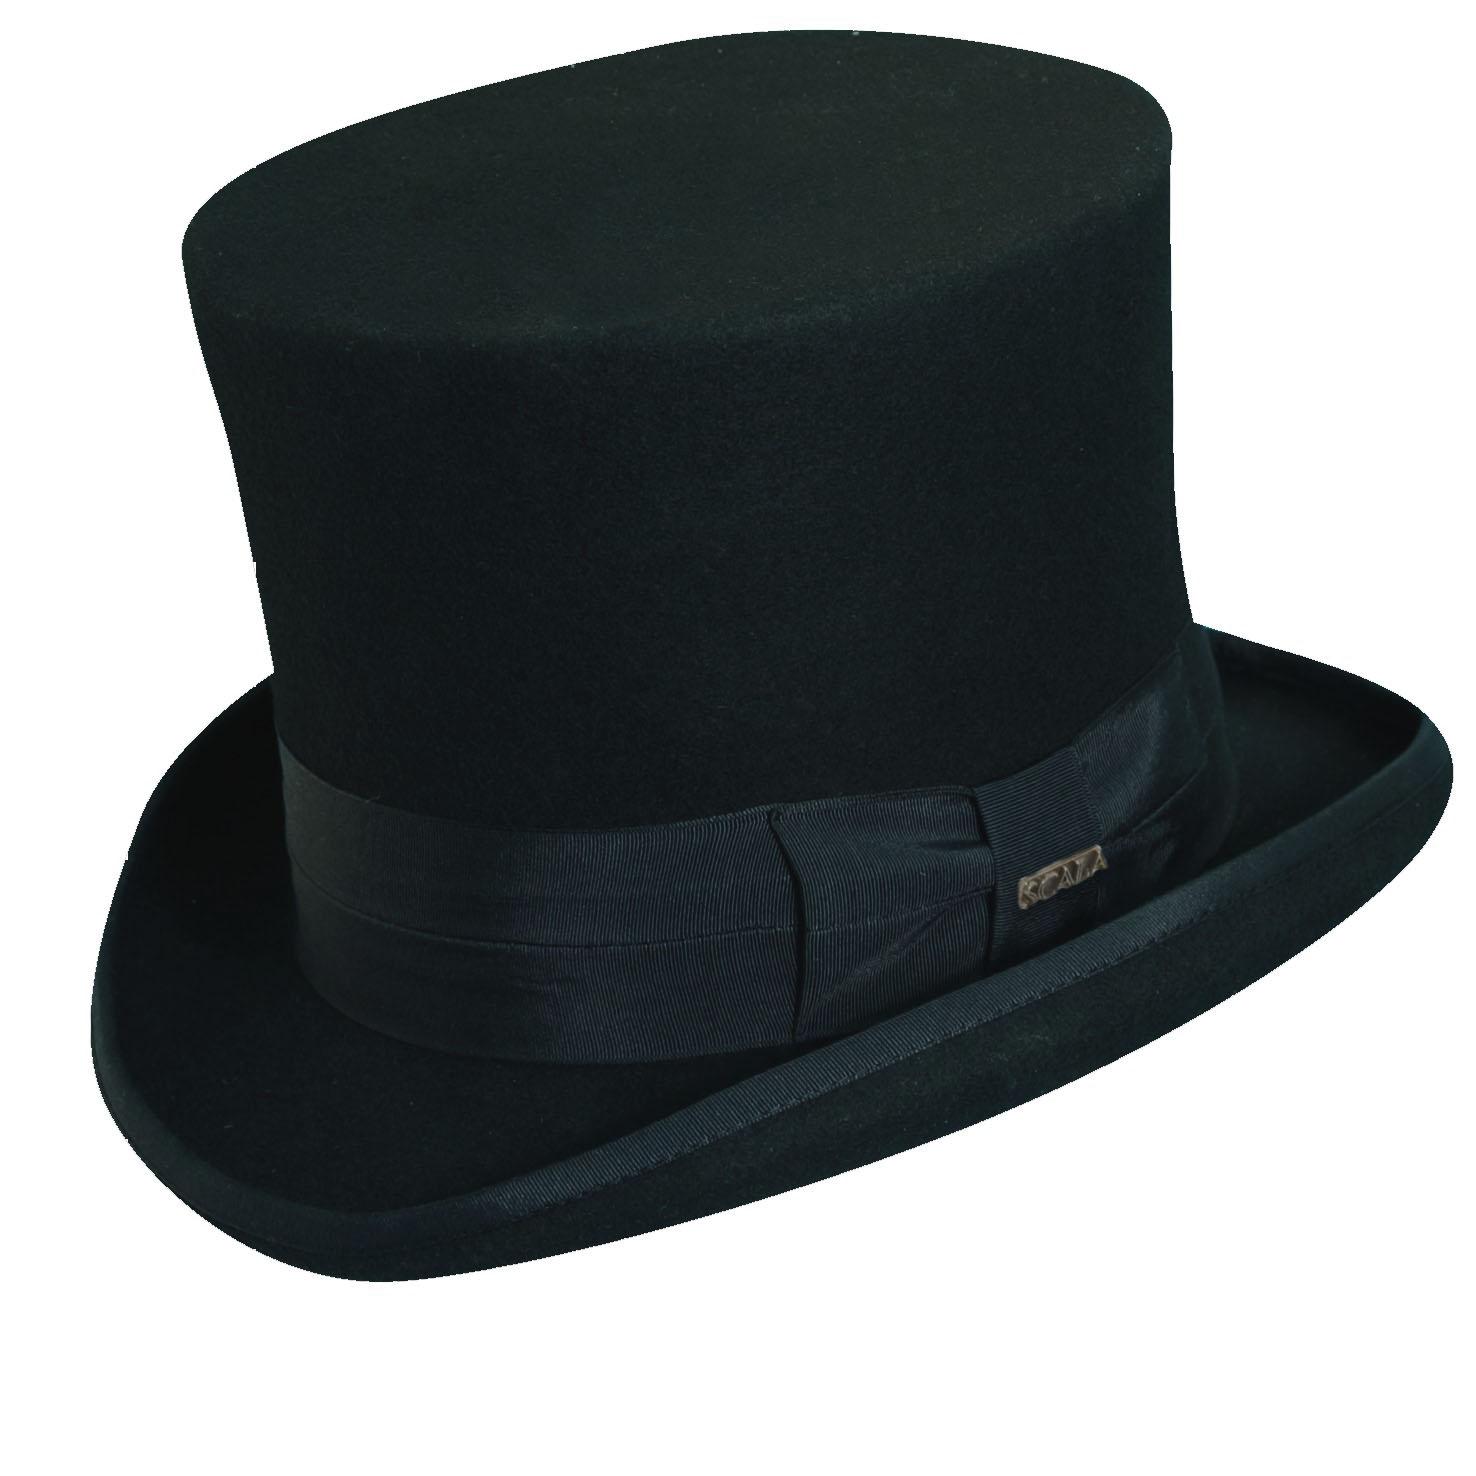 Black Top Hats 108